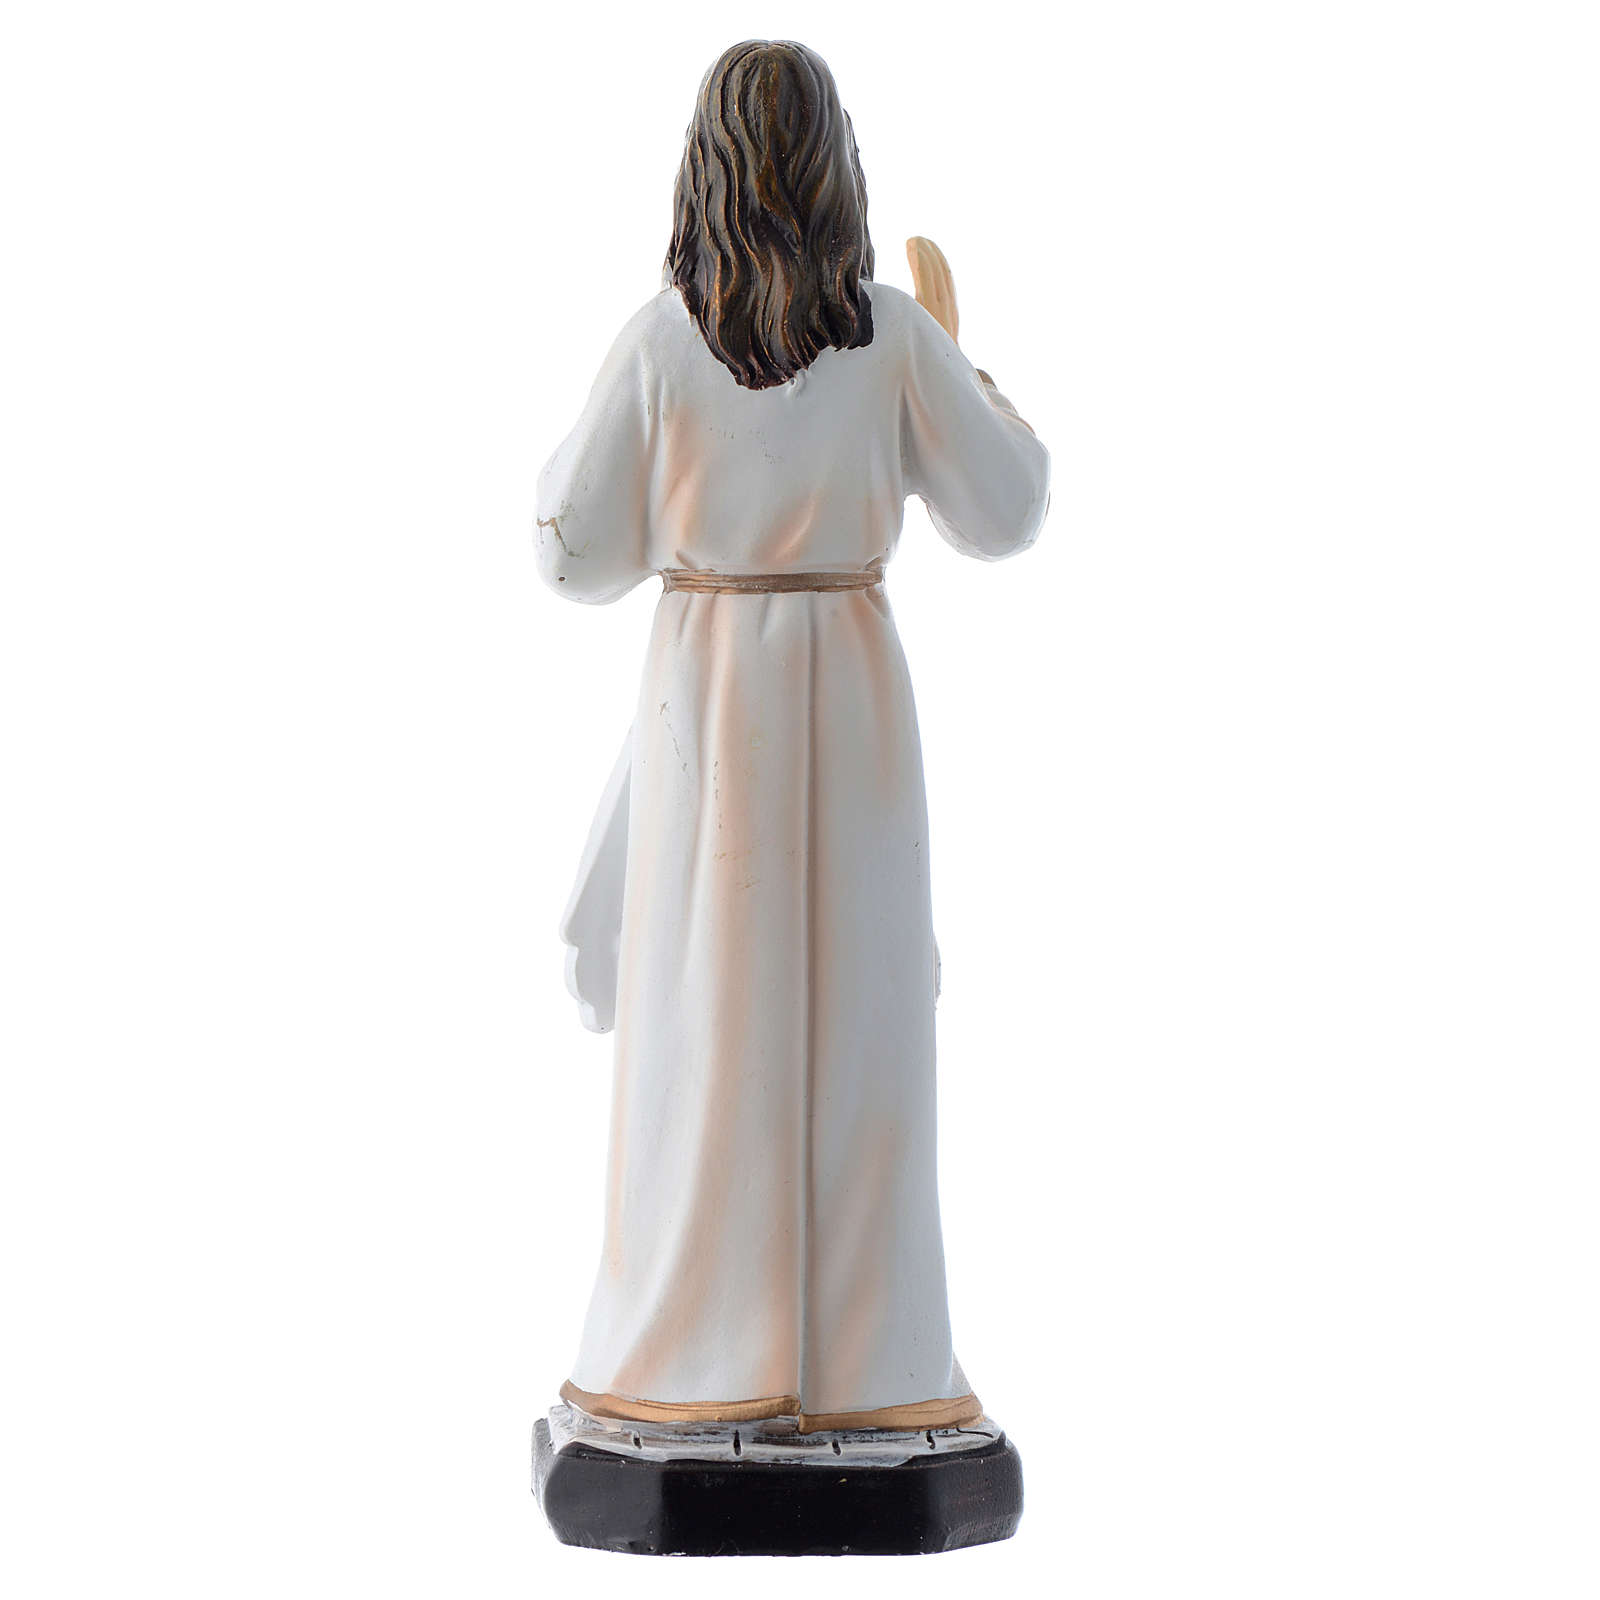 Barmherziger Jesus 12cm Packung MEHRSPRACHIGES GEBET 4